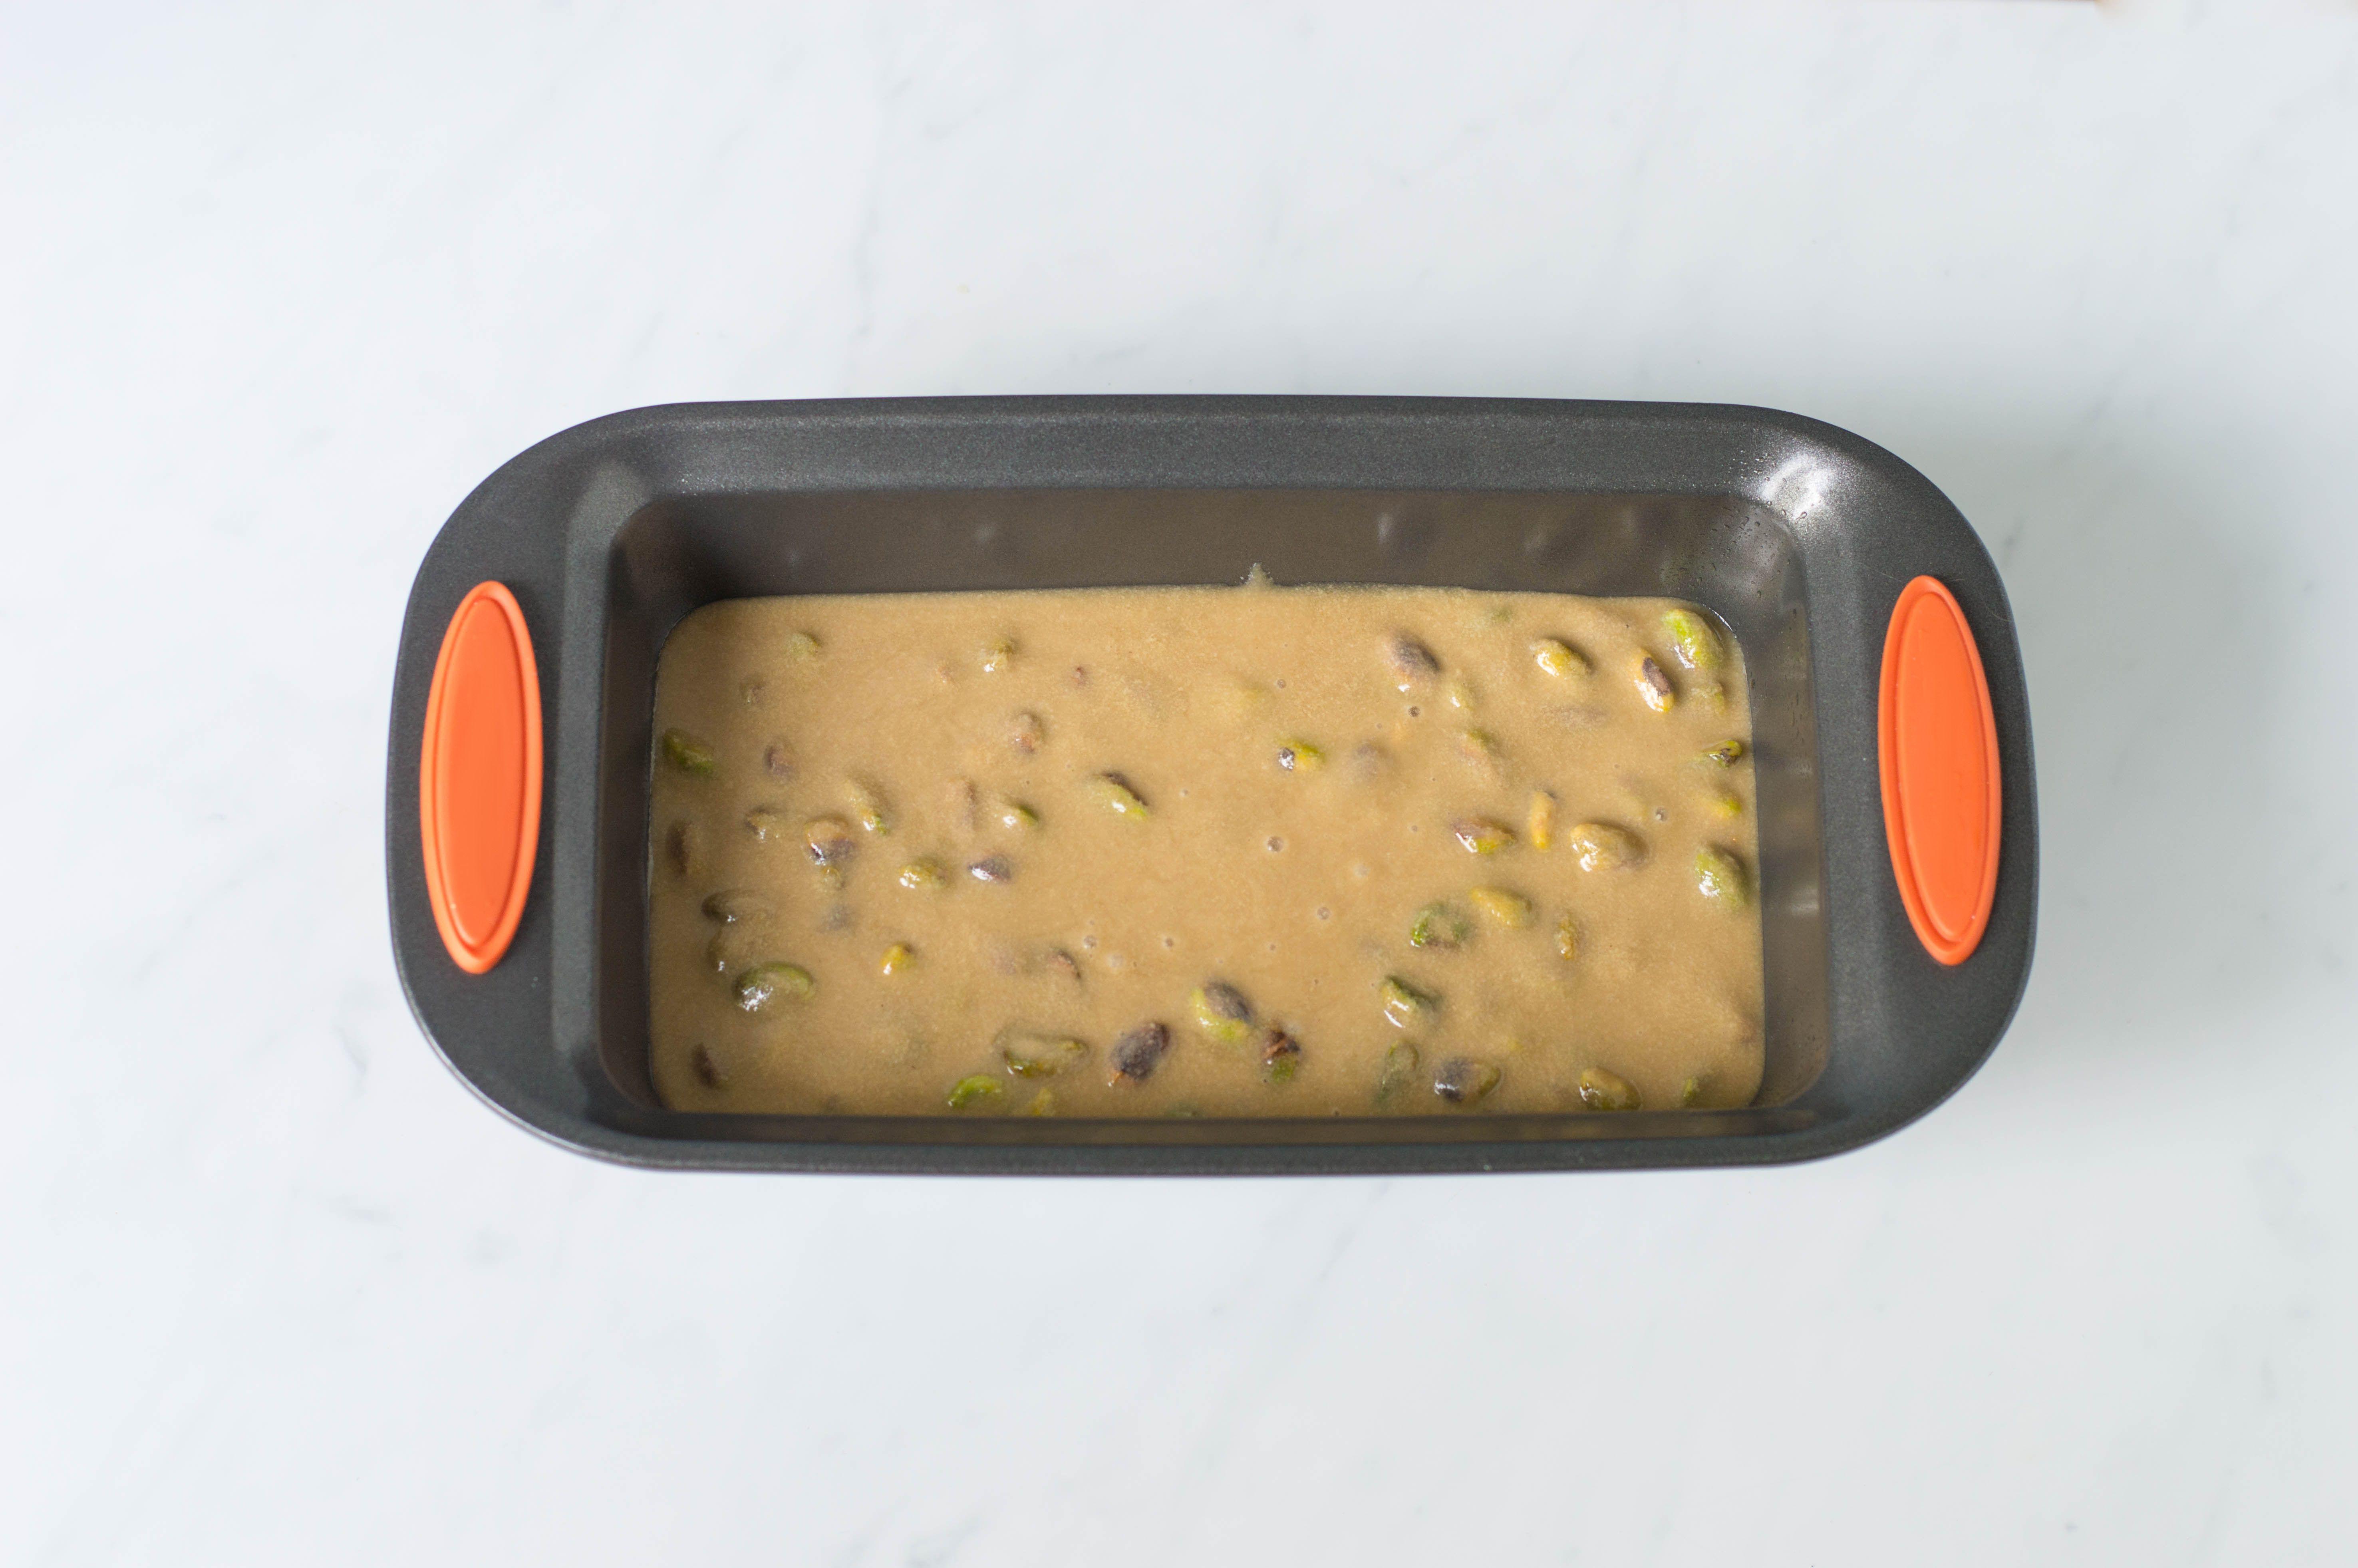 Sesame tahini halvah in the loaf pan